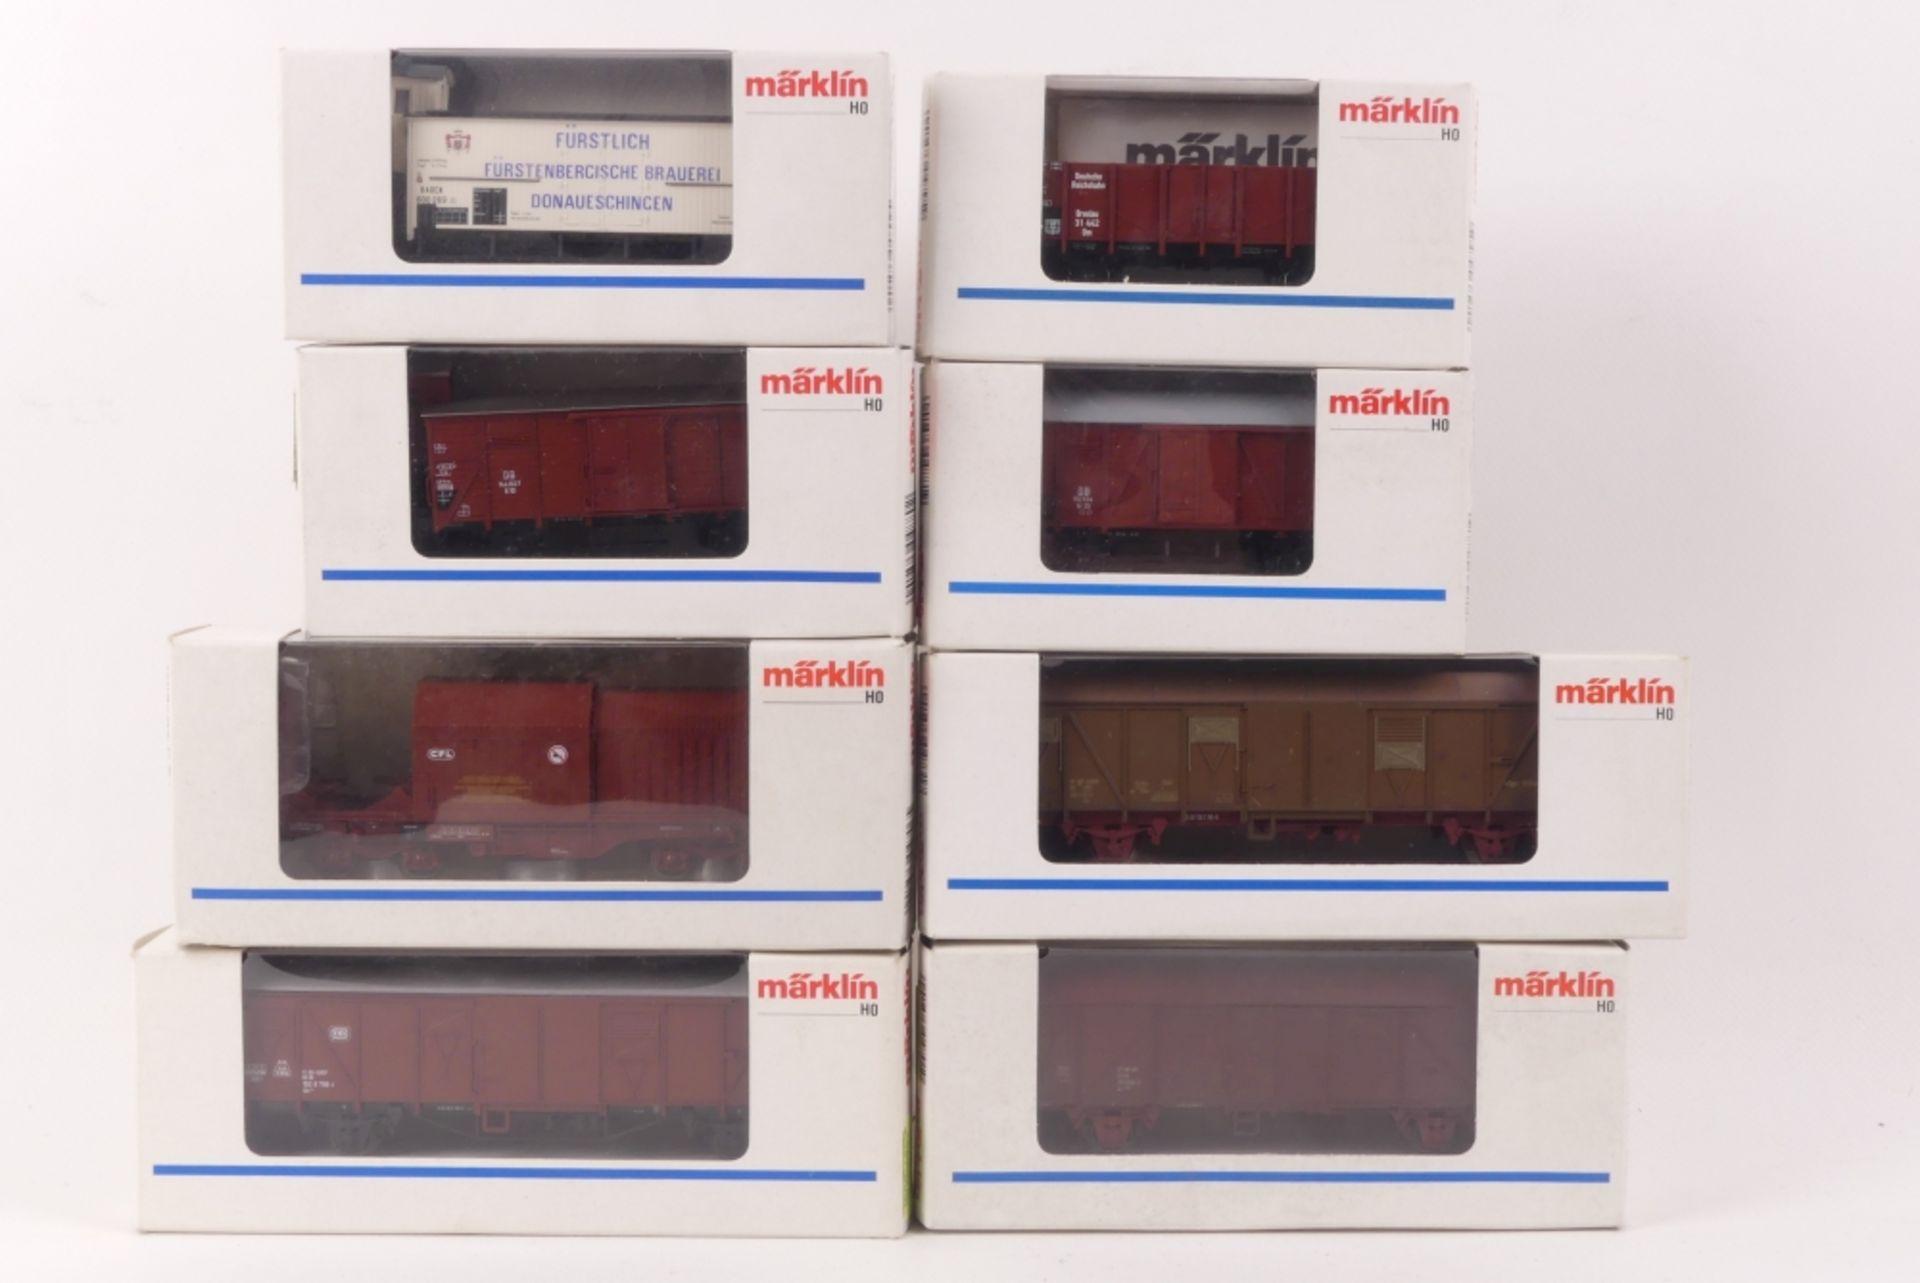 Märklin acht GüterwagenMärklin acht Güterwagen, 4701, 4706, 4731, 4732, 4795, 4880